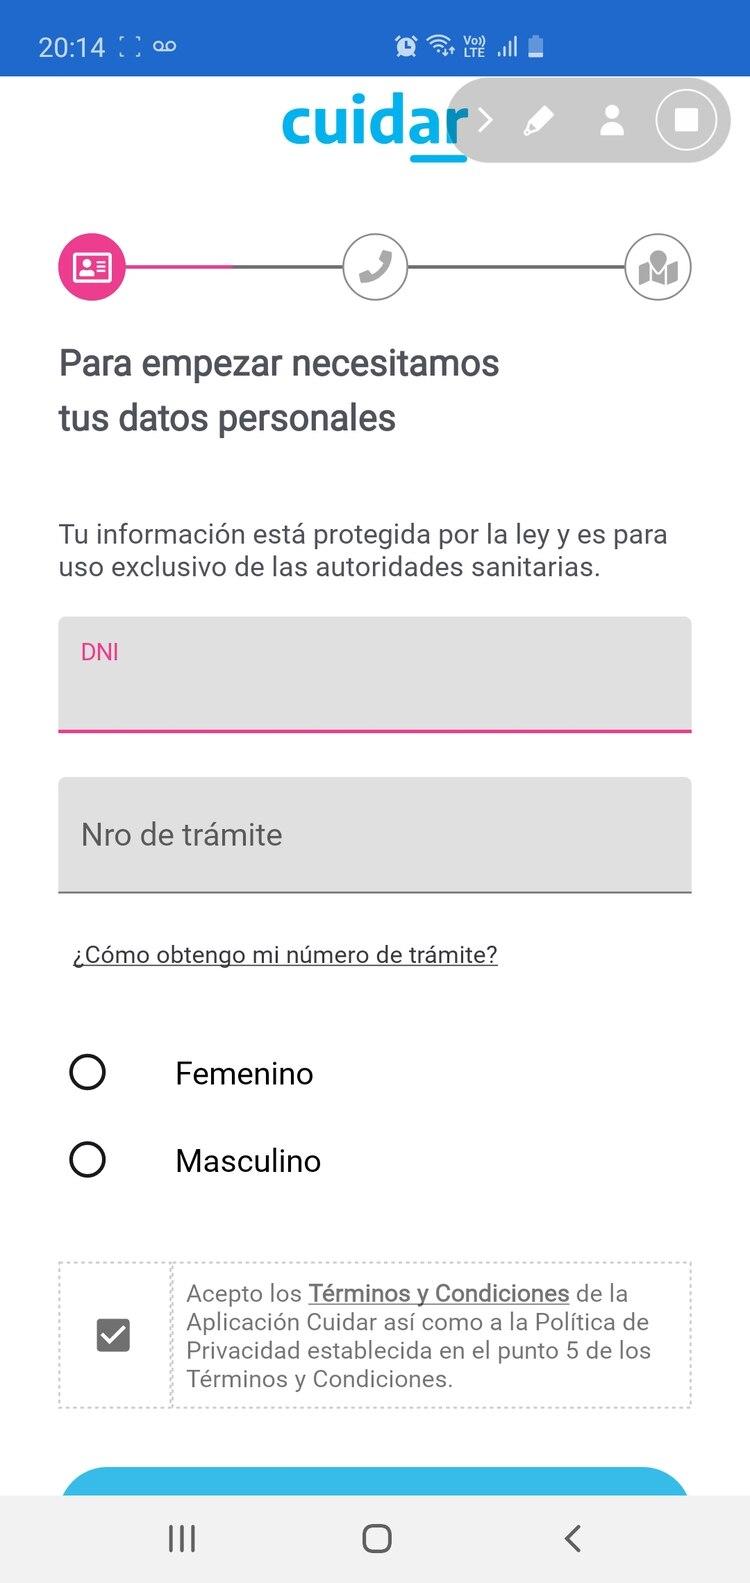 Una vez que se descargó la app hay que completar el formulario con nombre, apellido, DNI y habilitar la geolocalización.